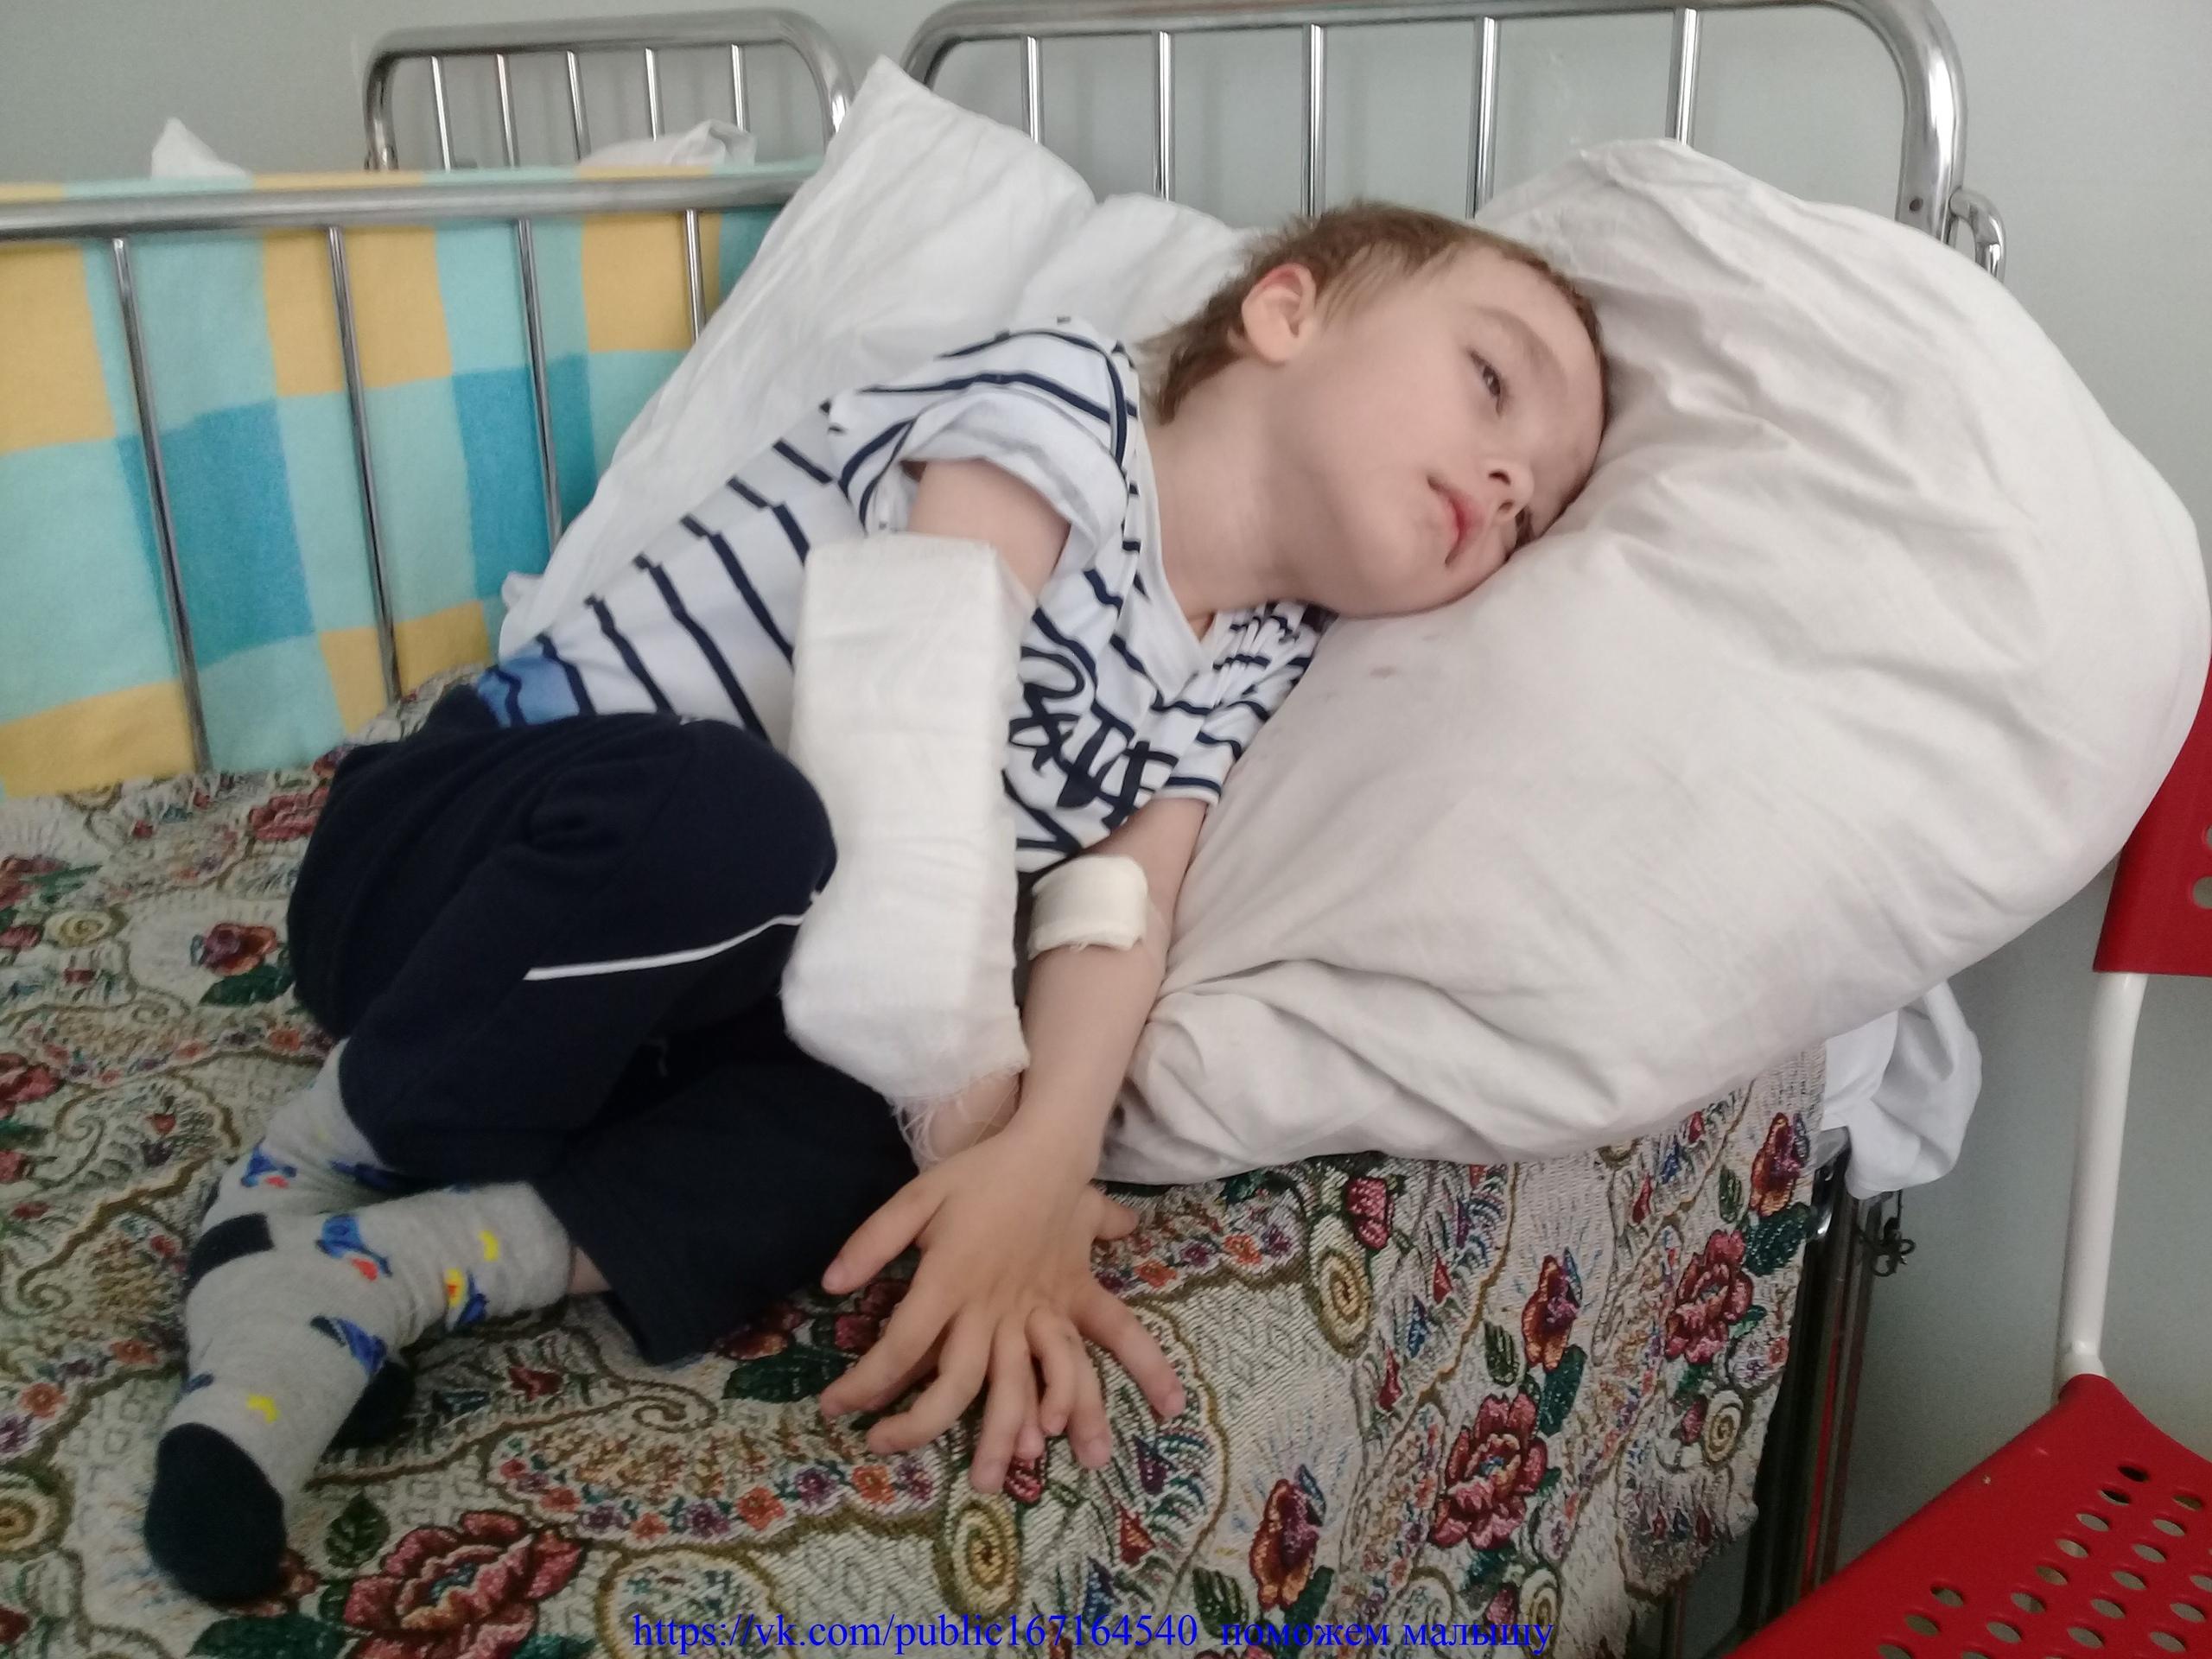 Друзья , прошу оказать помощь в лечении моего сына Калугина Антона Олеговича вся информация по этой ссылке в контакте https://vk.